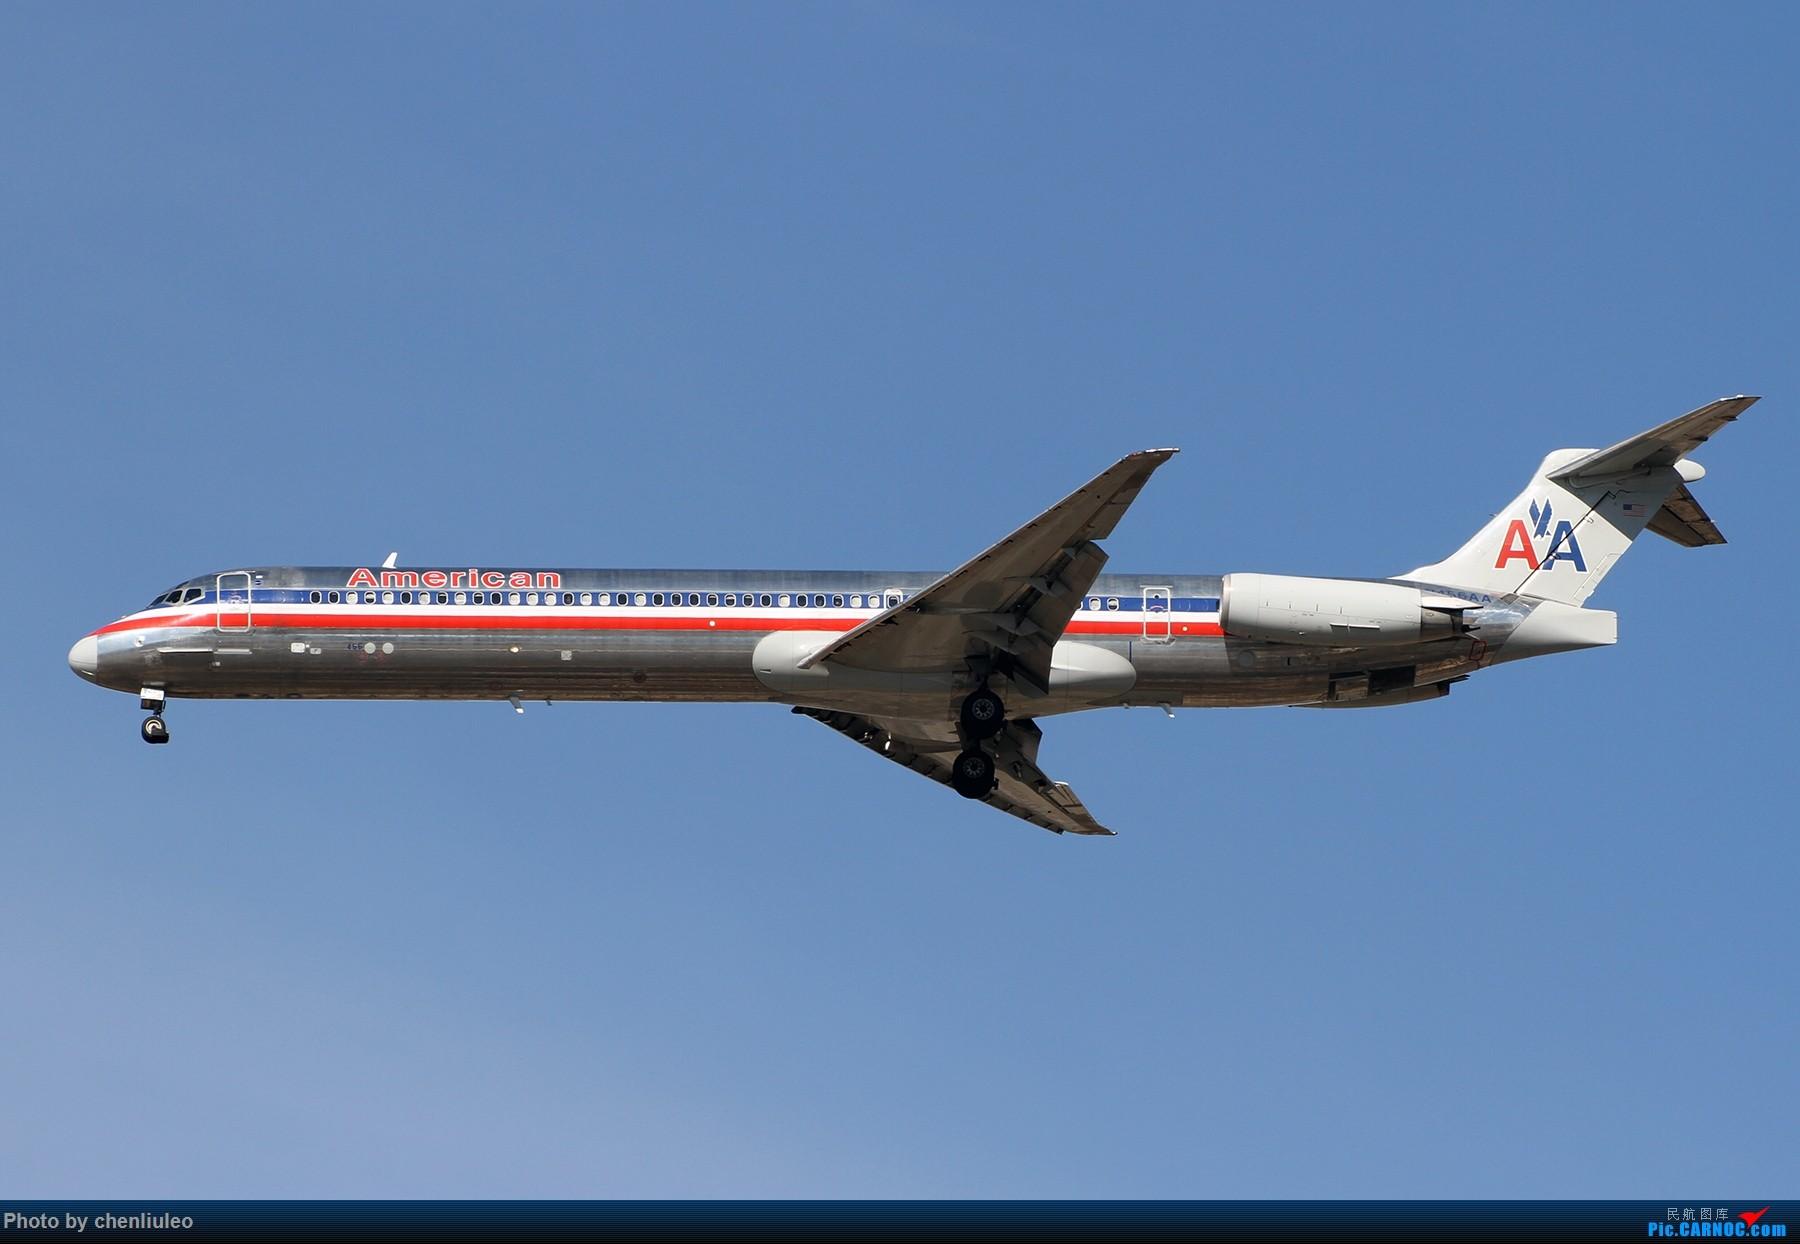 [原创]【杭州飞友会】KSTL拍机。AA WN DL F9 BBJ 1800大图 MD MD-80-82 N456AA 美国圣路易斯机场